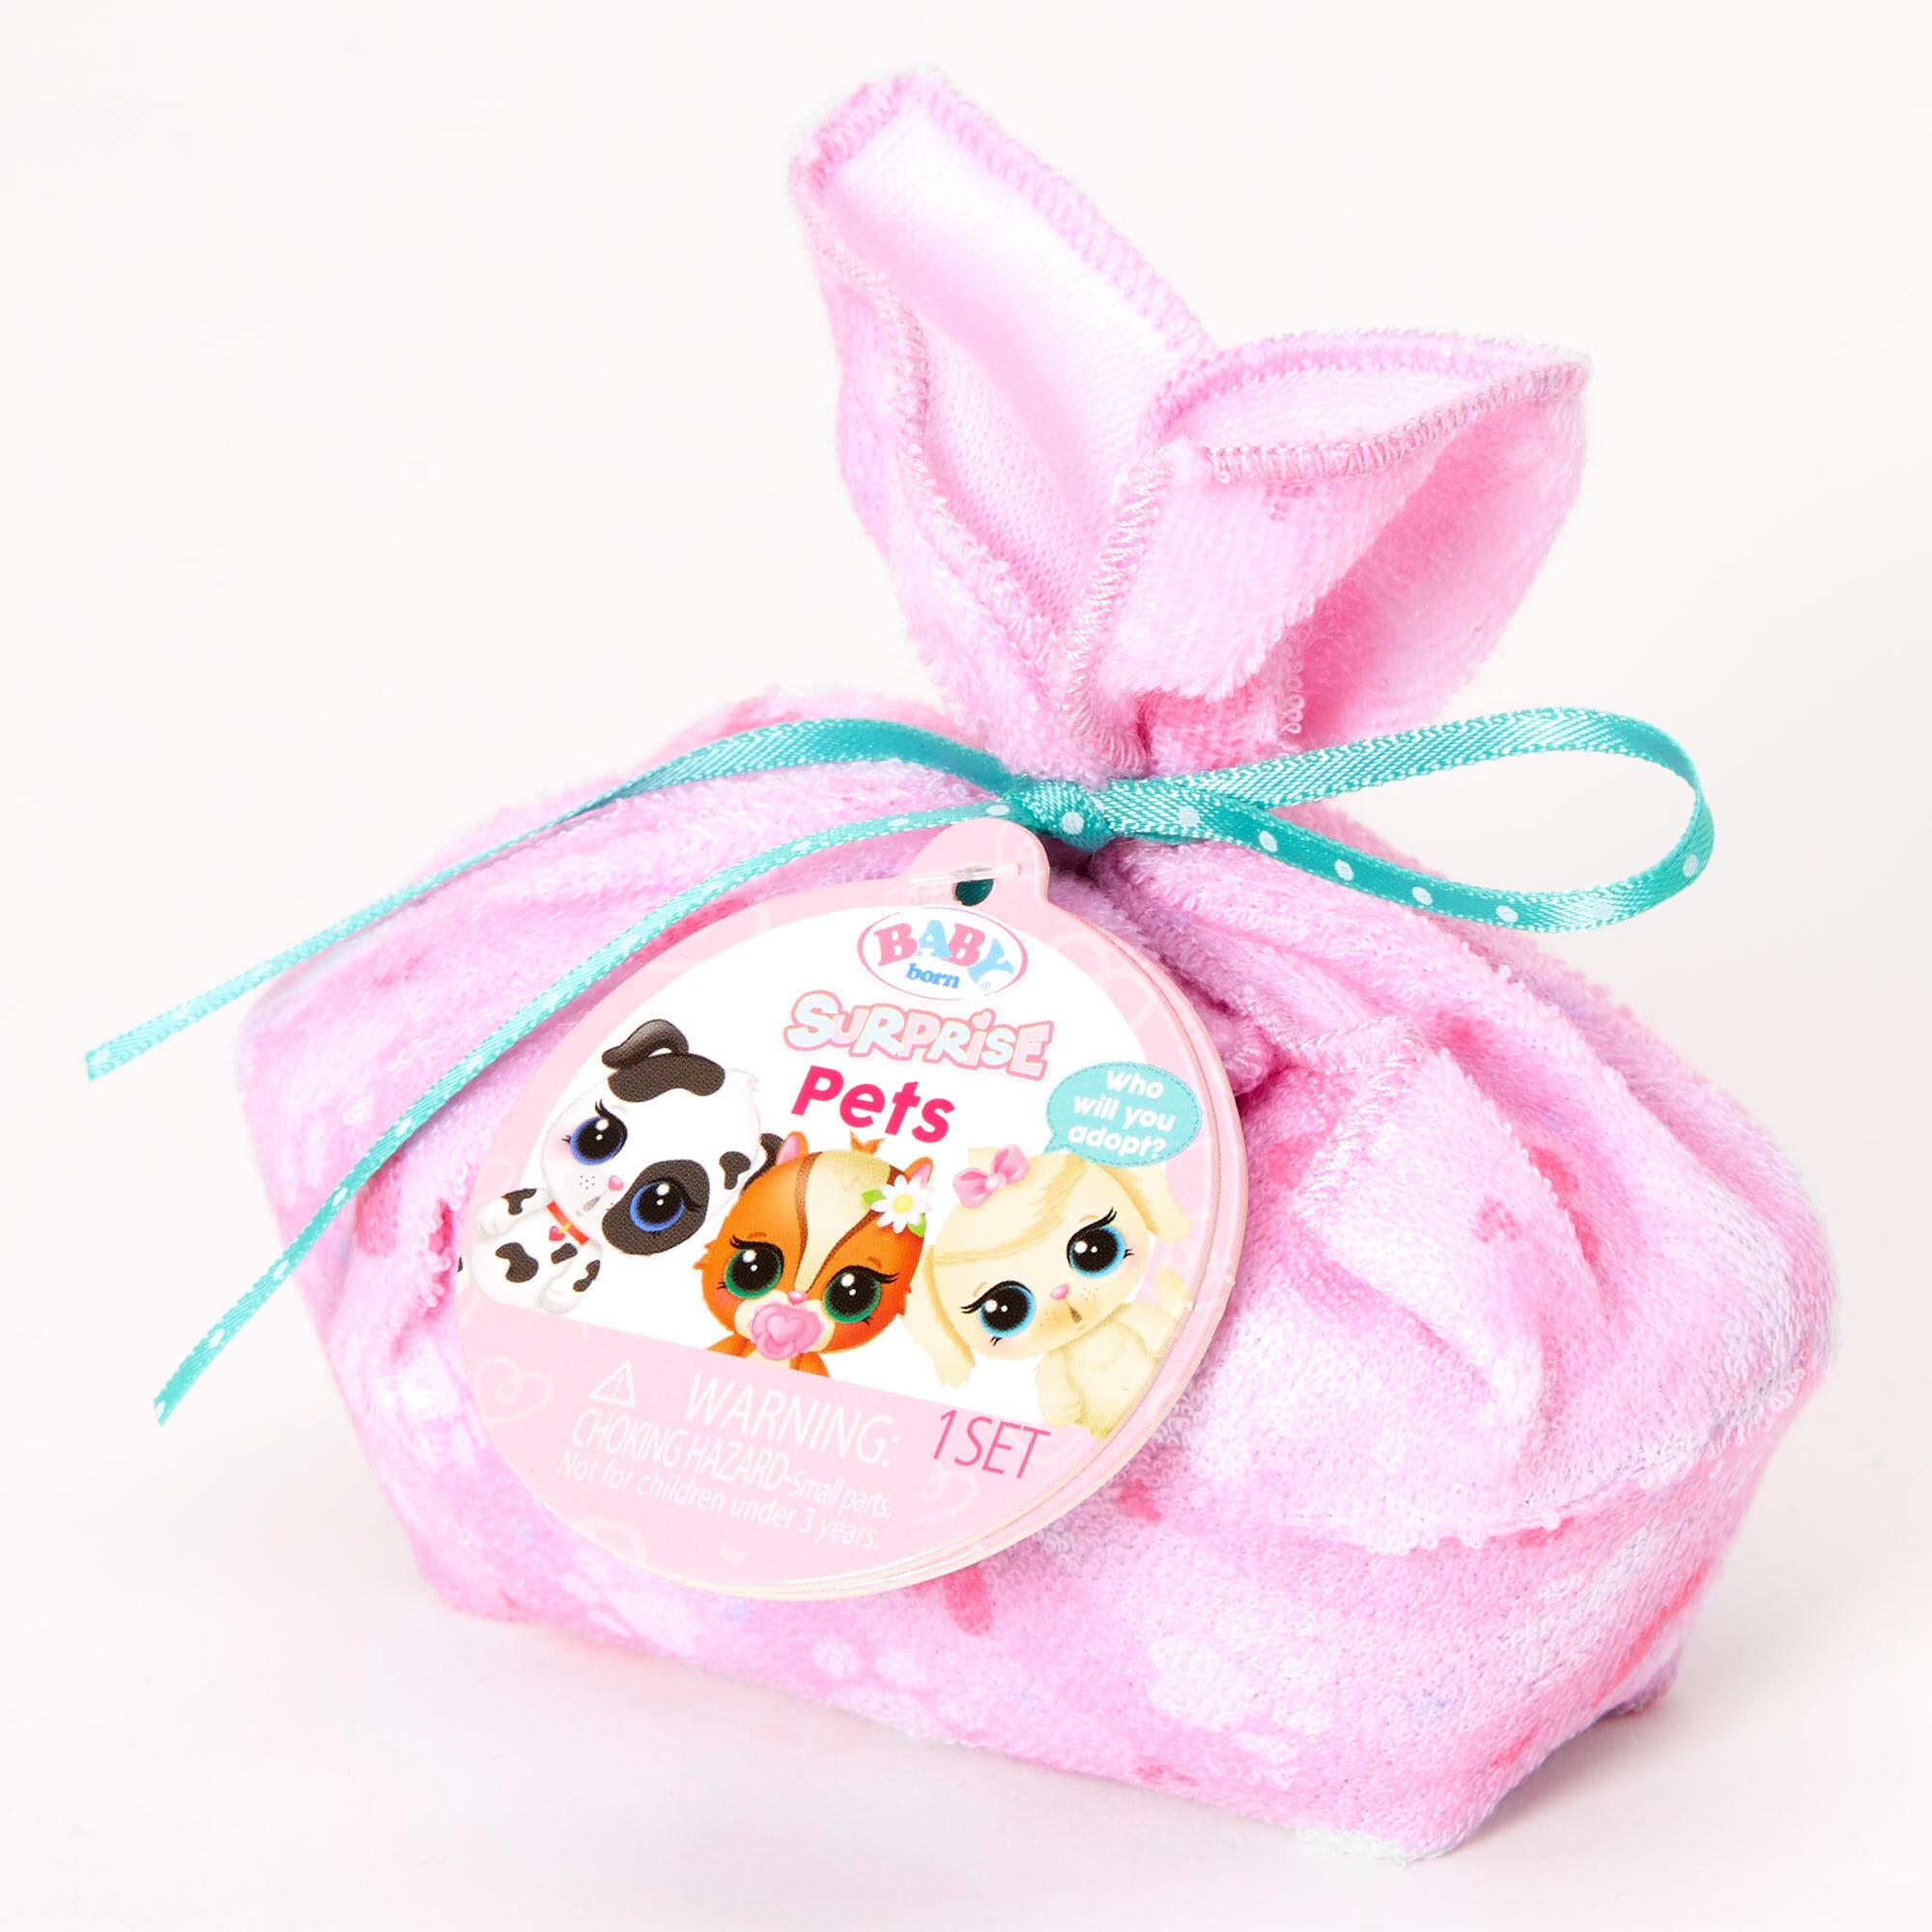 Baby Born surprise Pets